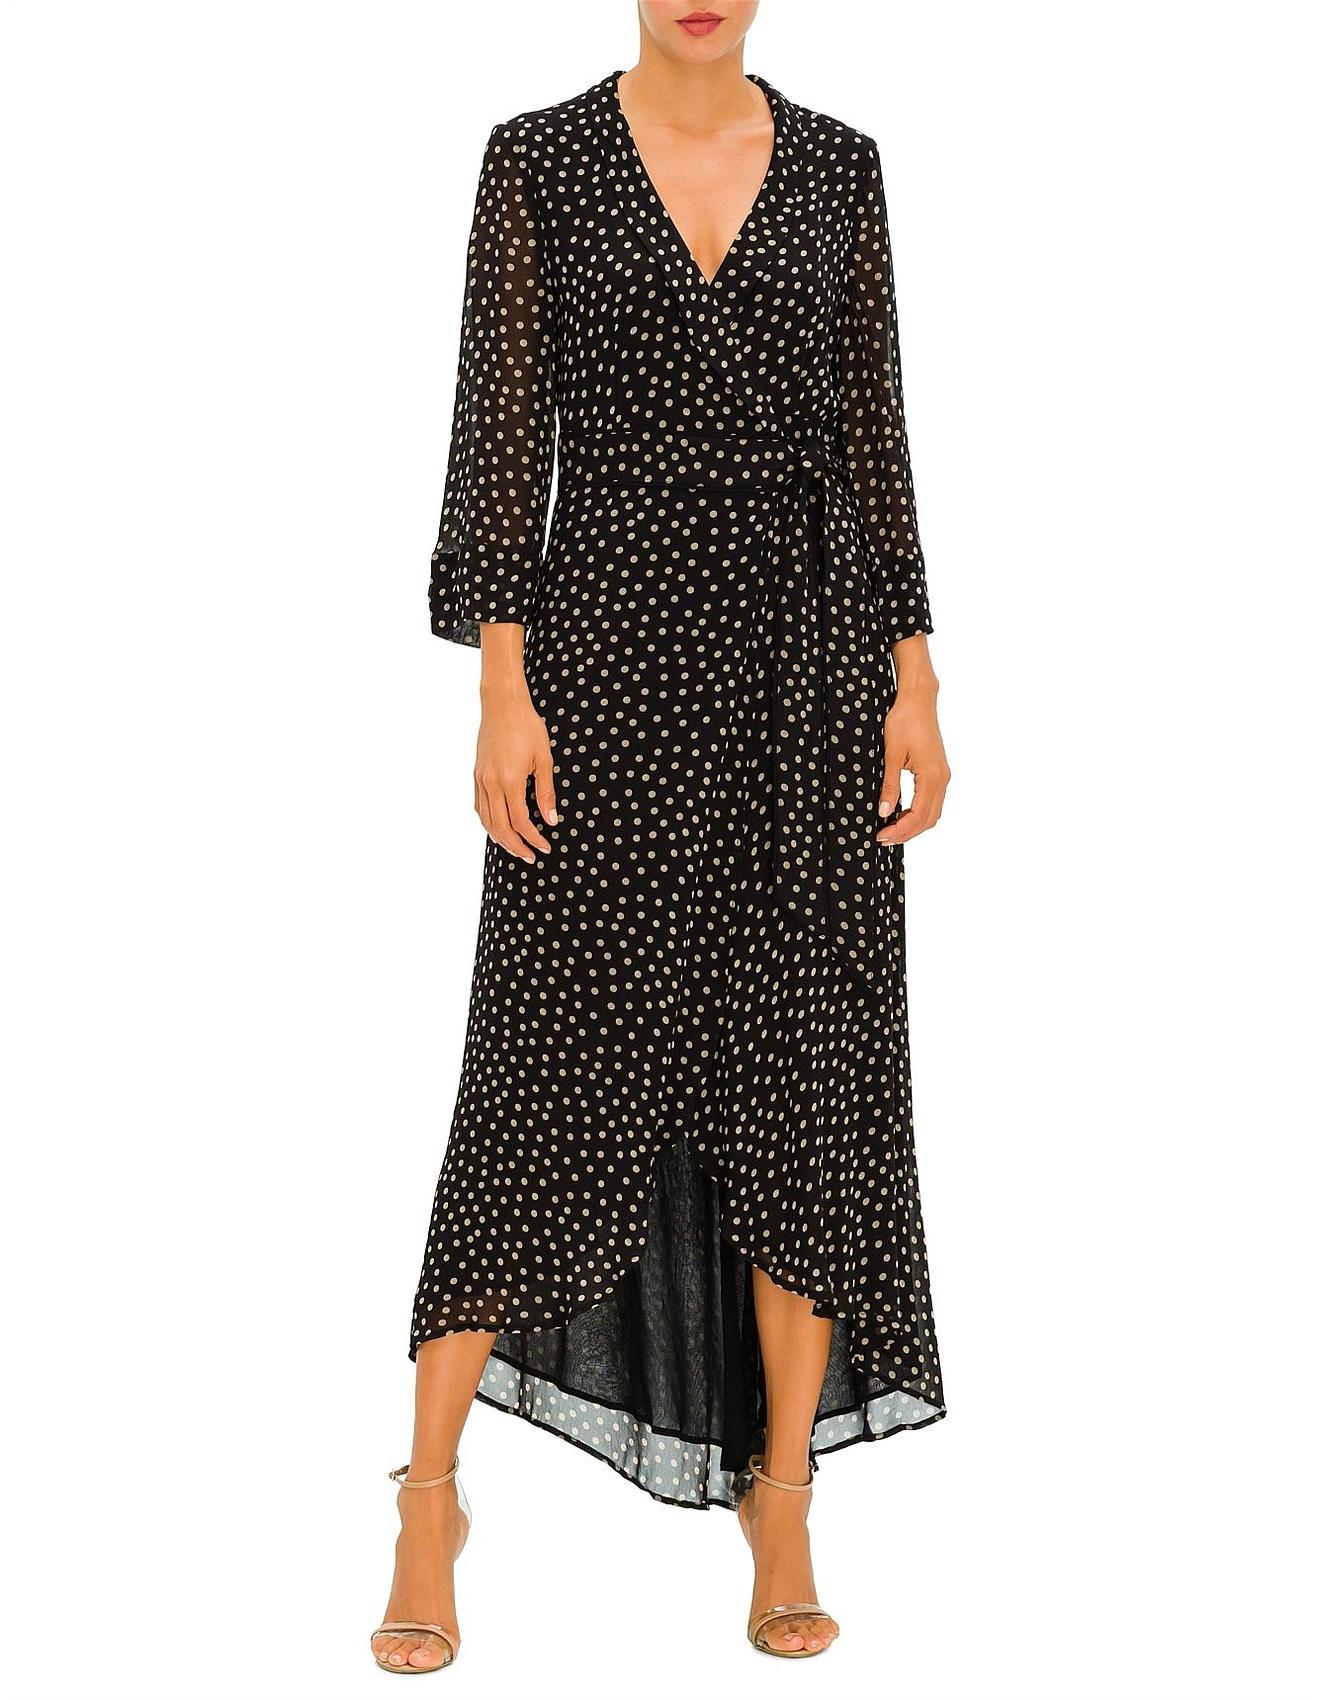 Printed Georgette long wrap dress long sleeves with belt